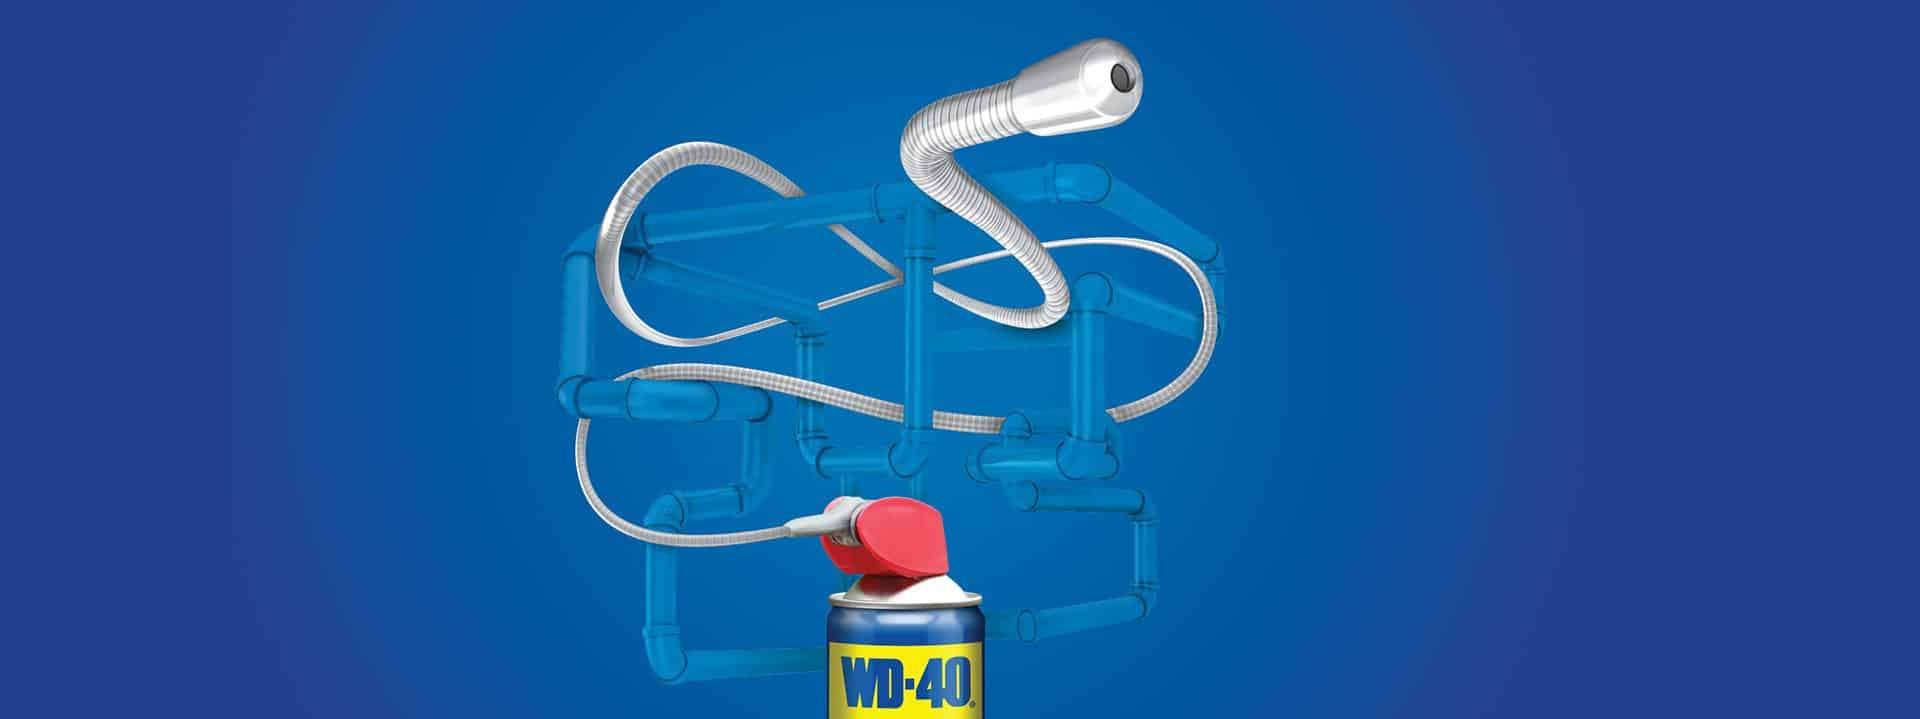 Nieuw! WD-40 Flexible